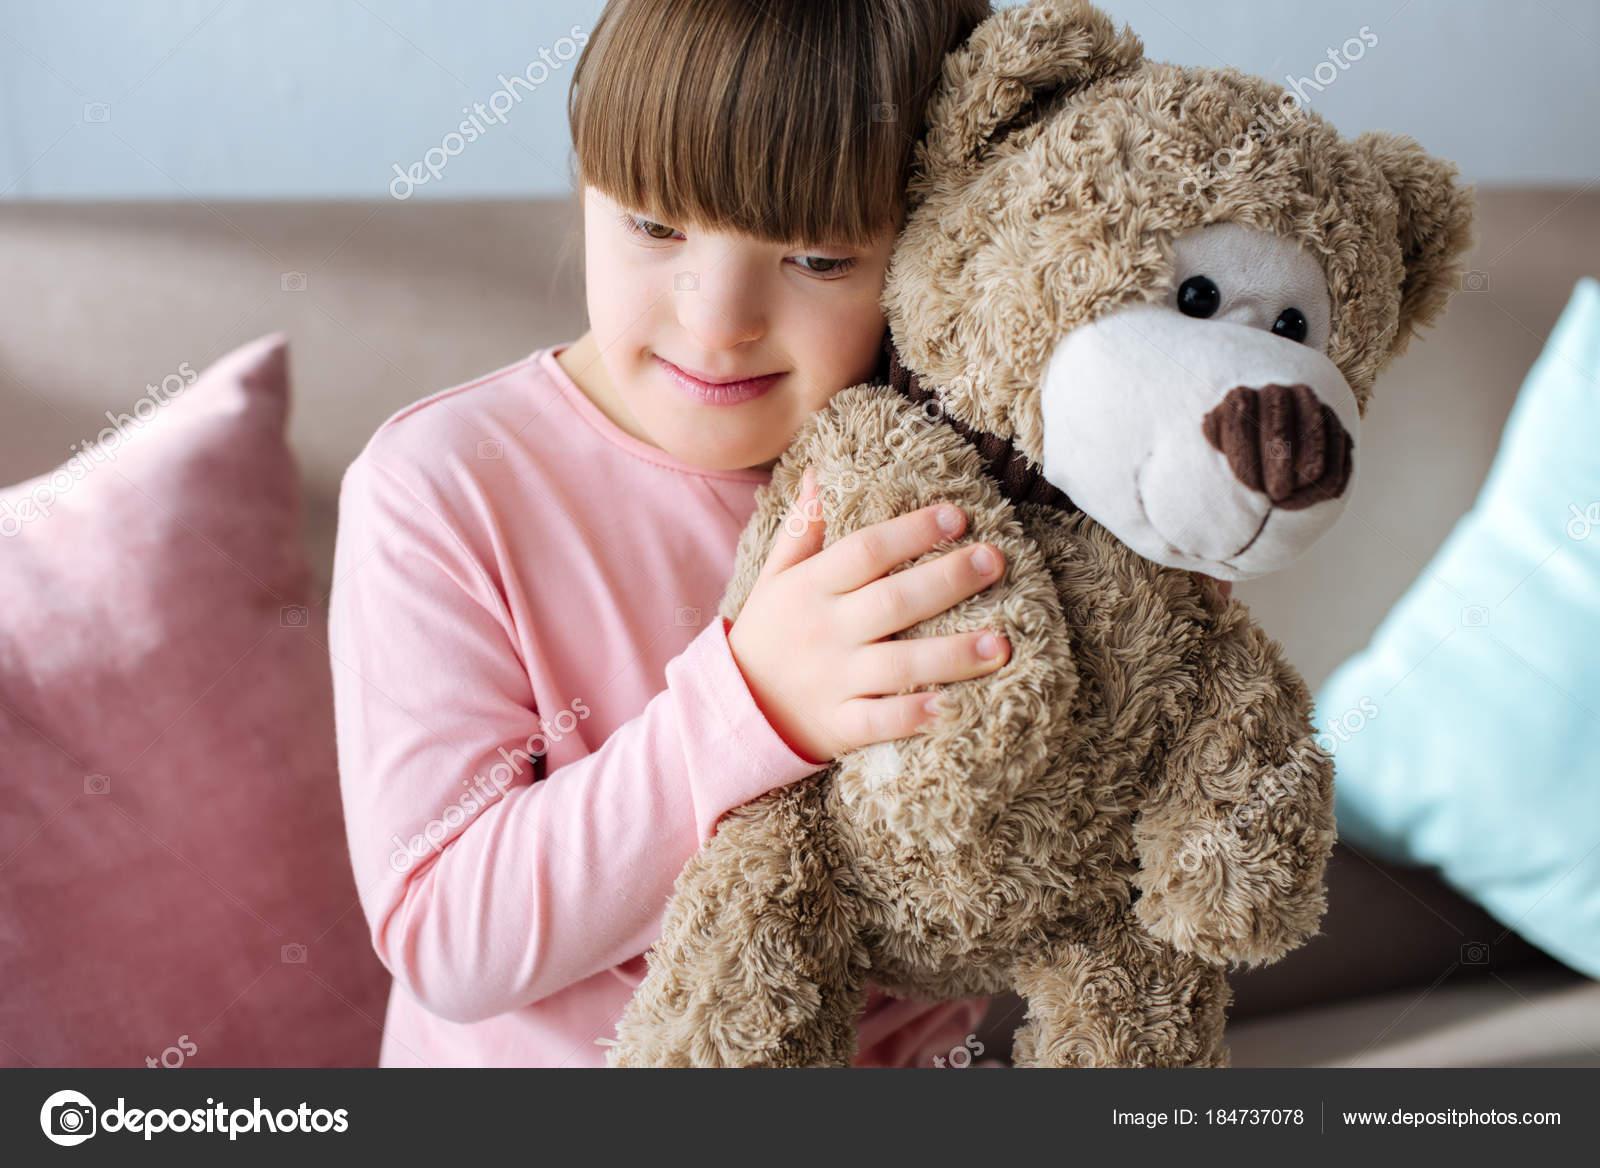 Niño Con Síndrome Sentado Sofá Abrazos Oso Peluche Foto De Stock